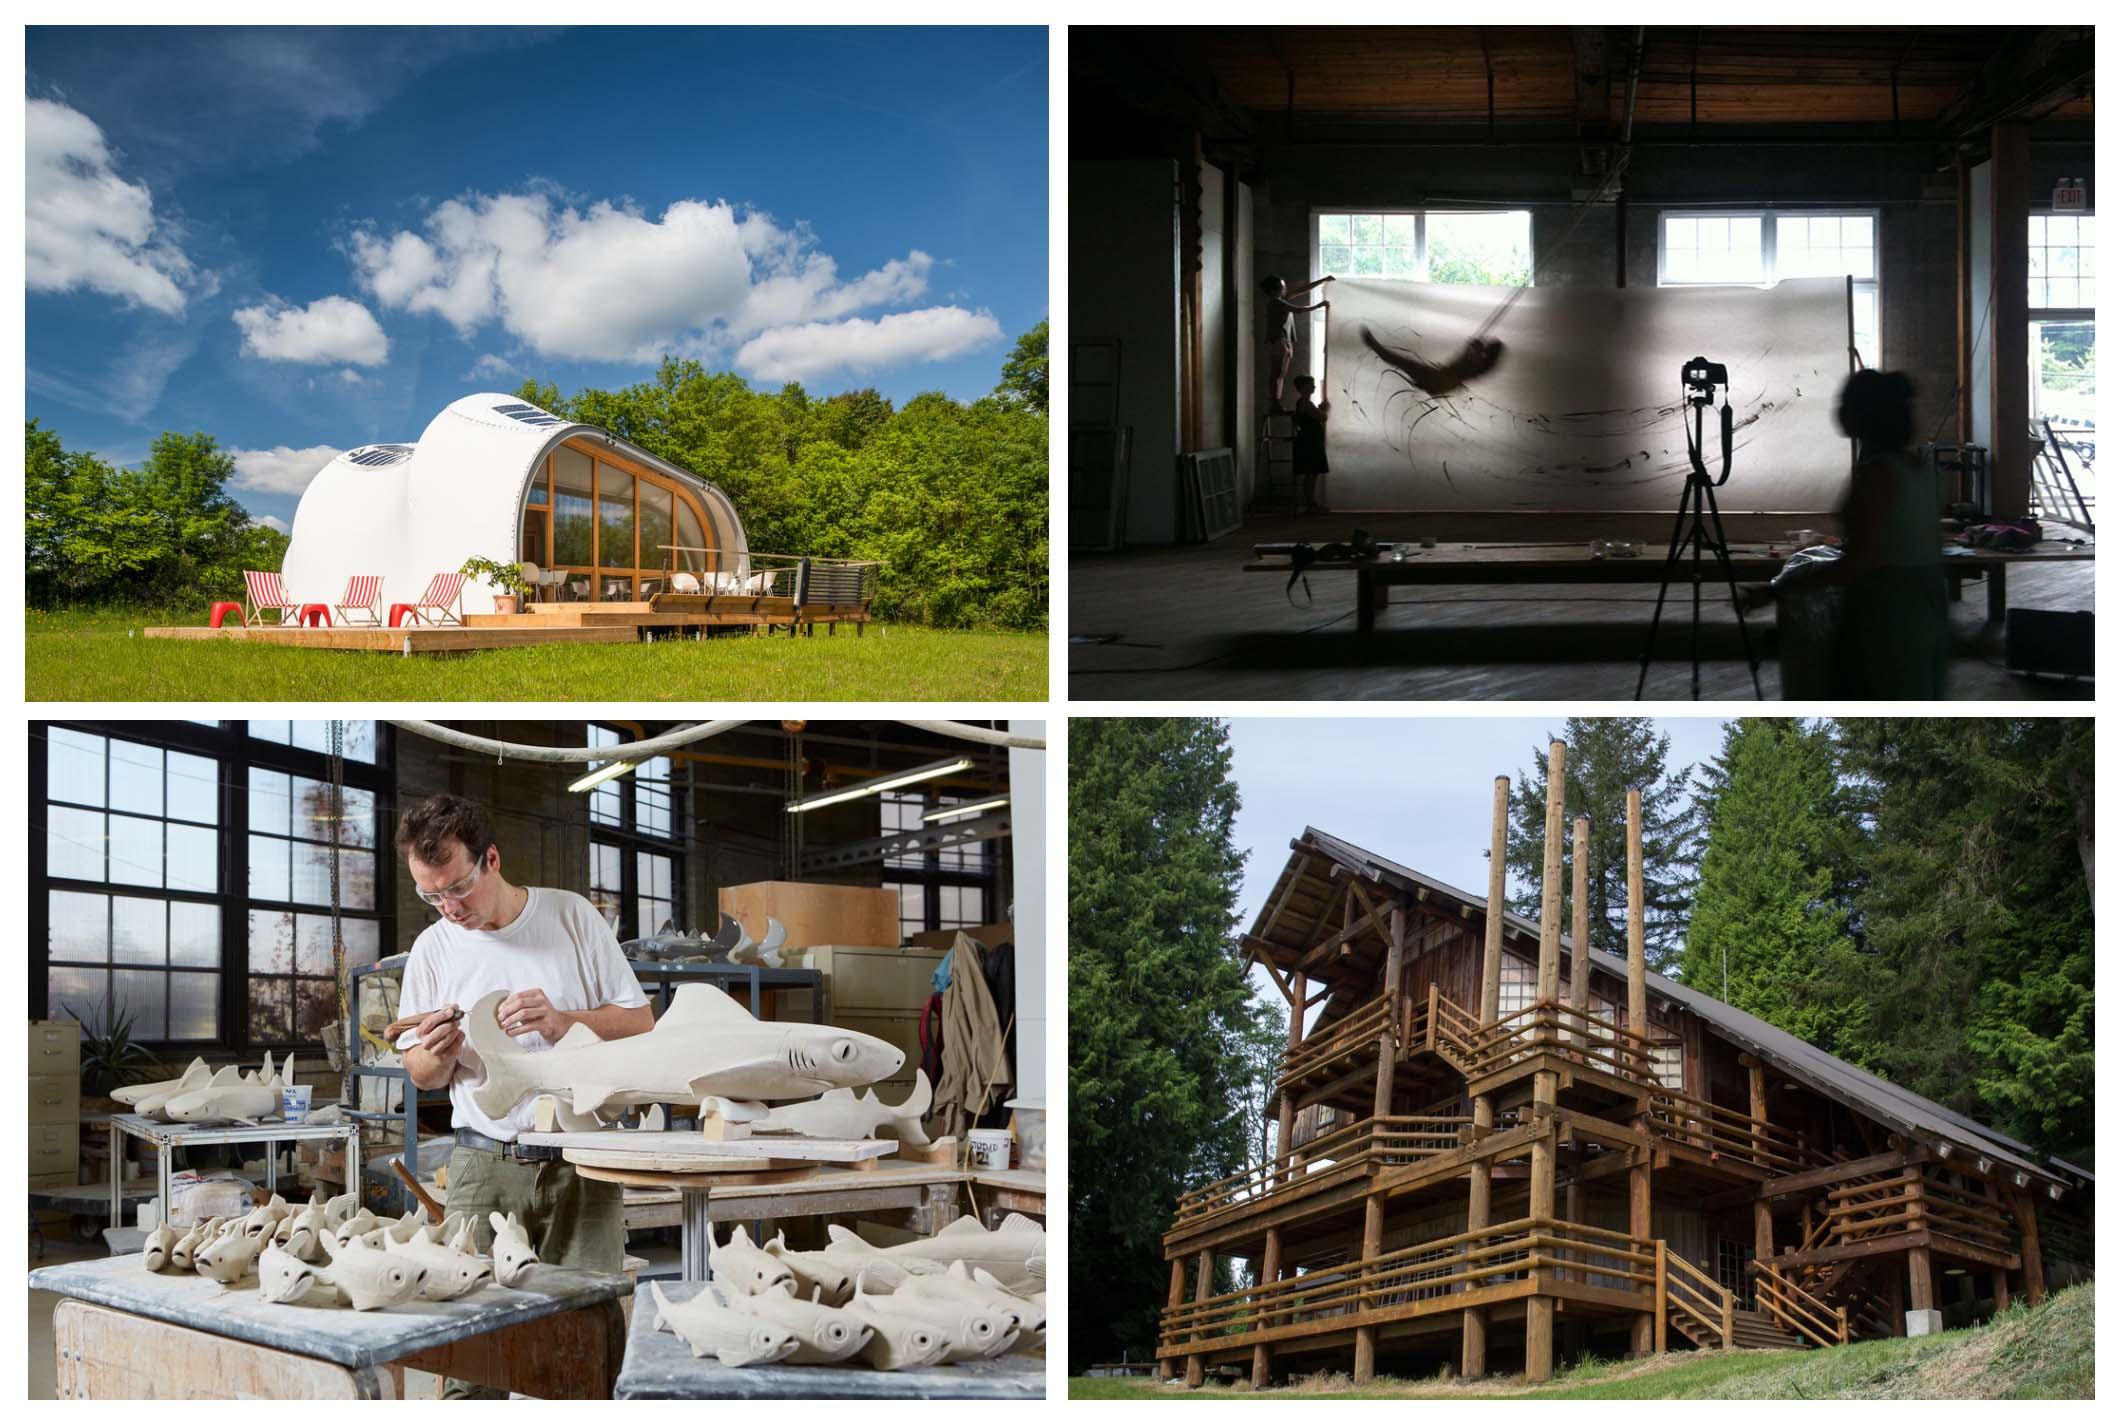 نگاهی به الهام بخشترین اقامتگاههای طراحی شده در جهان